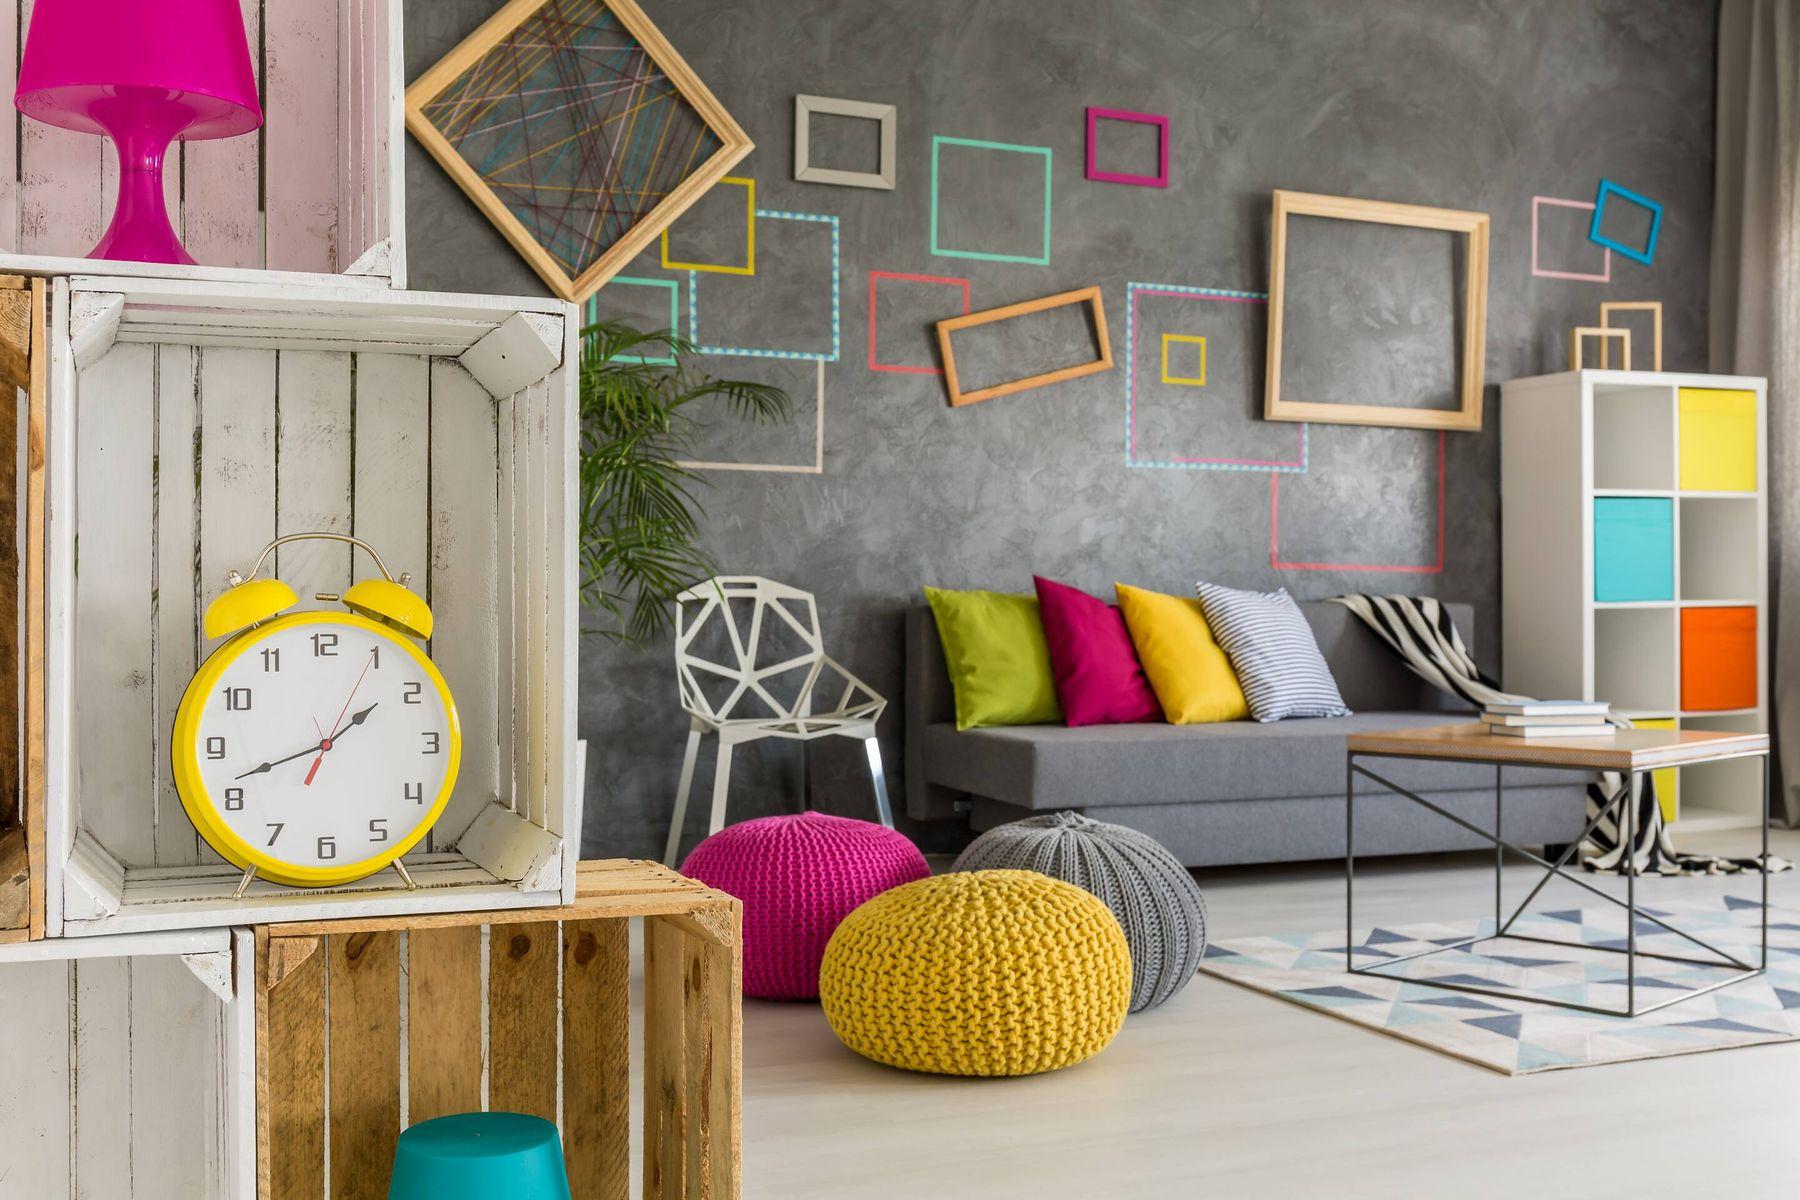 Chọn gam màu trầm để sơn tường phòng khách nhà ống